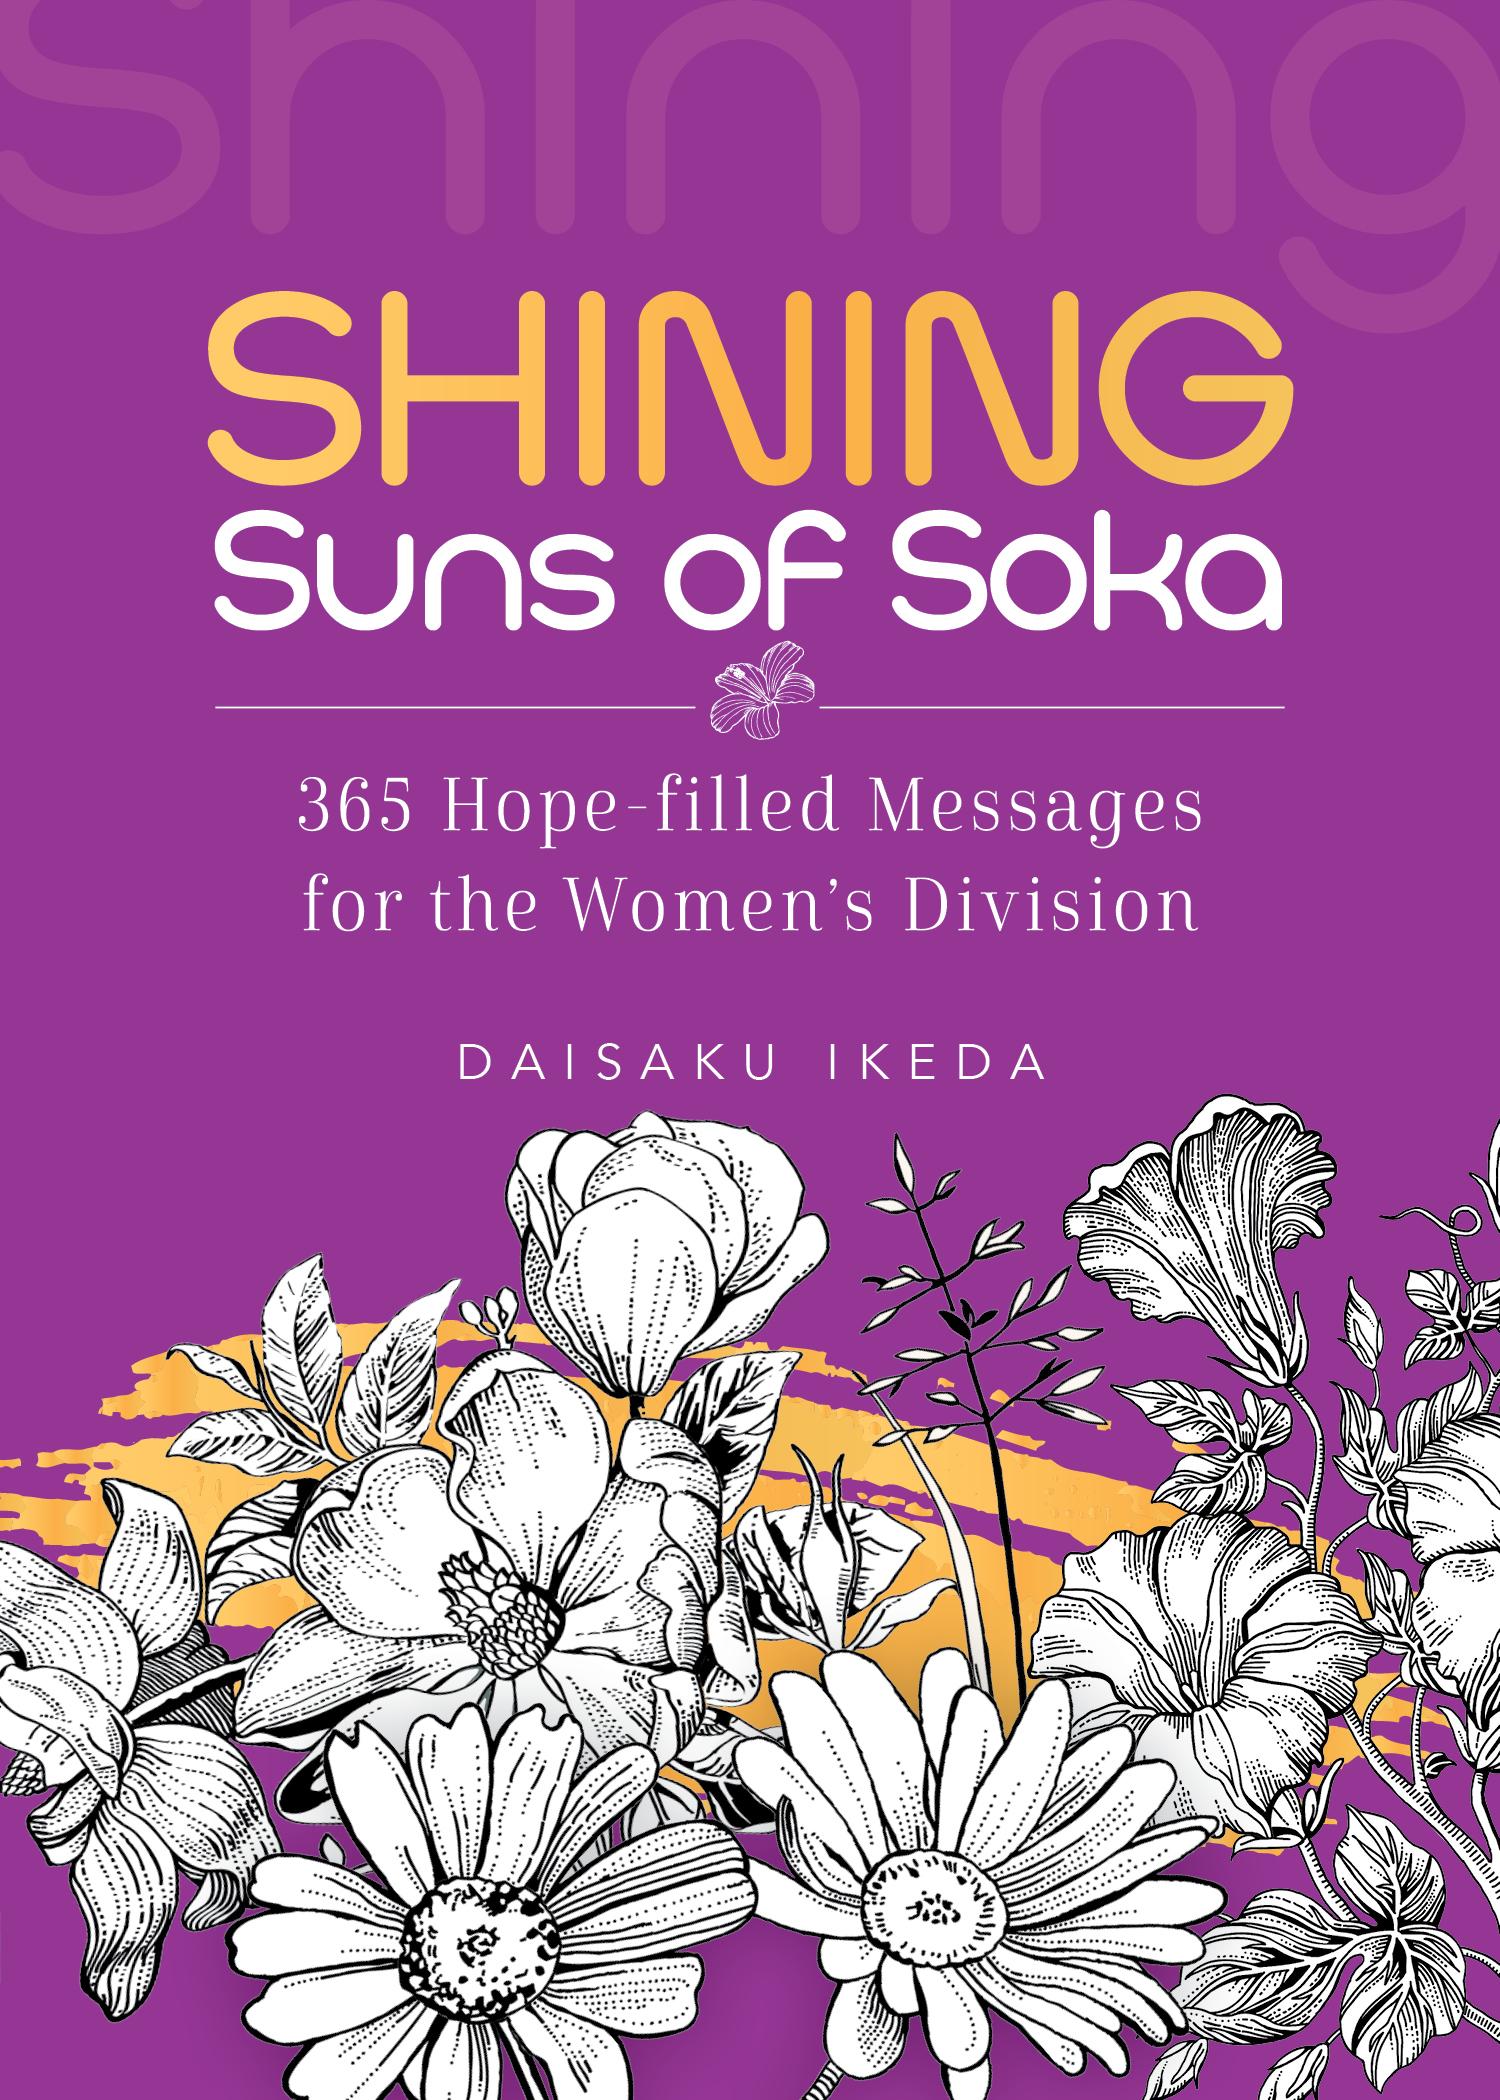 Shining Suns of Soka